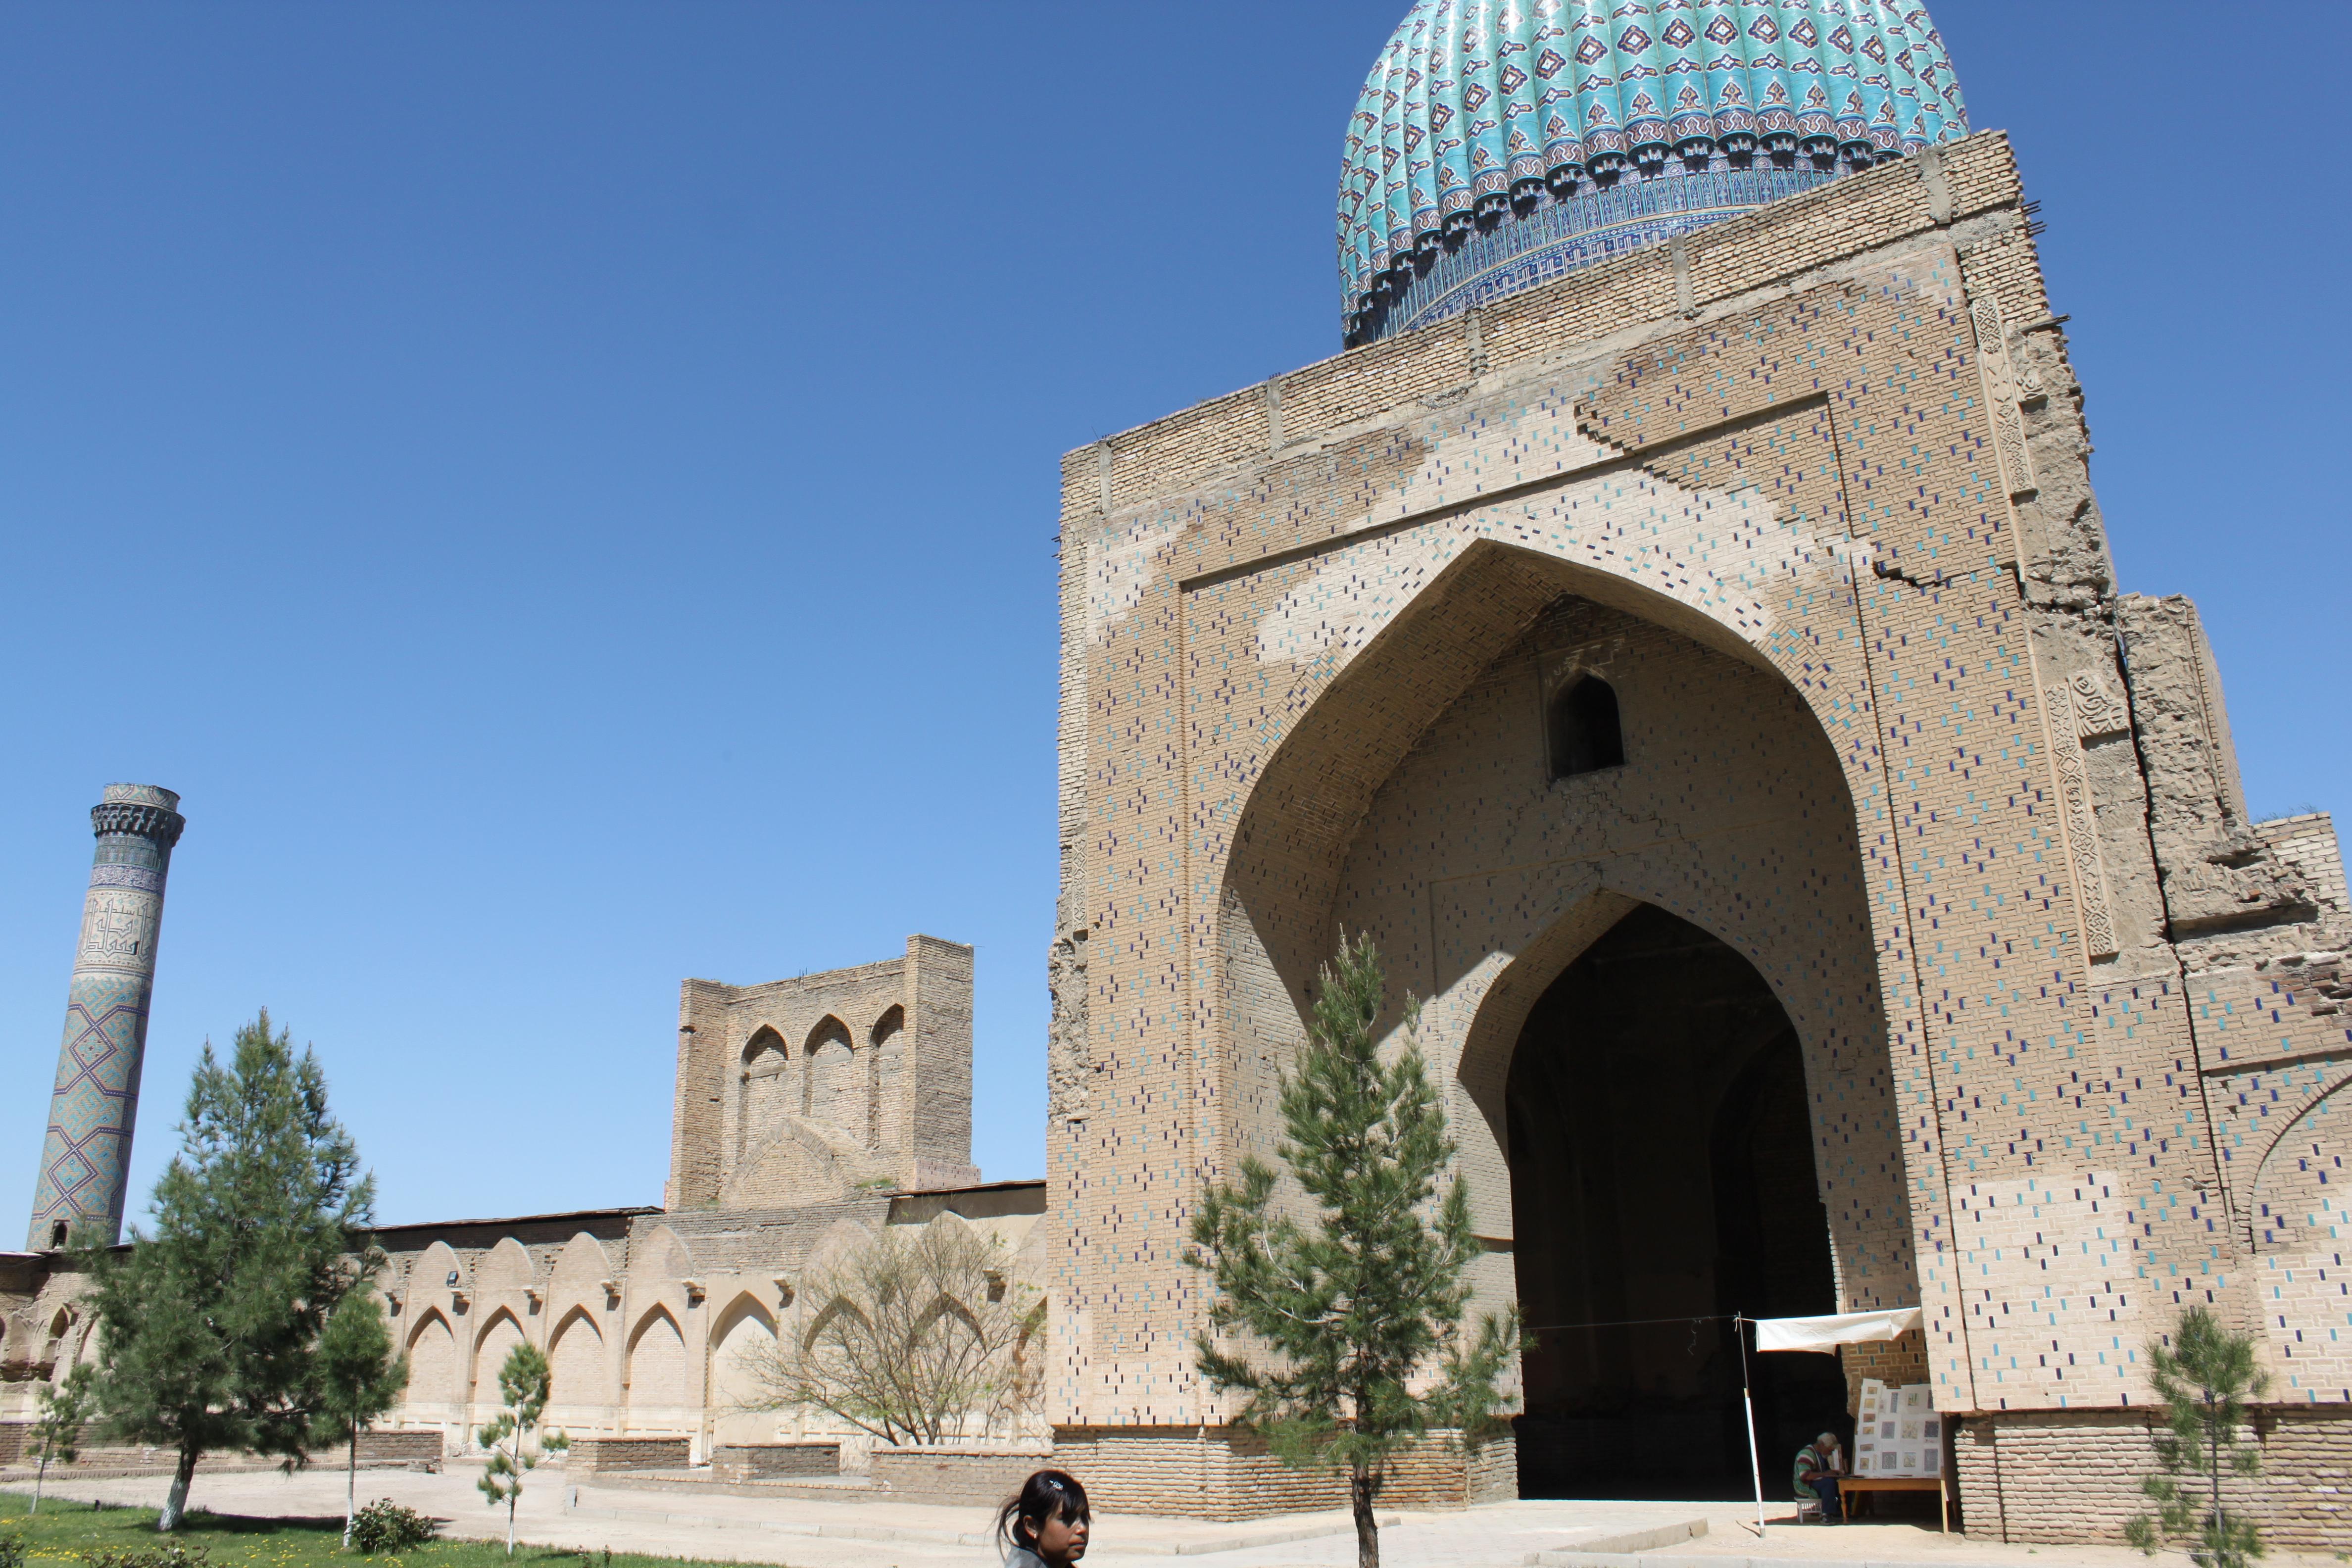 The most beautiful mosques to visit: North side of Bibi Khanoum, Samarkand, Uzbekistan.